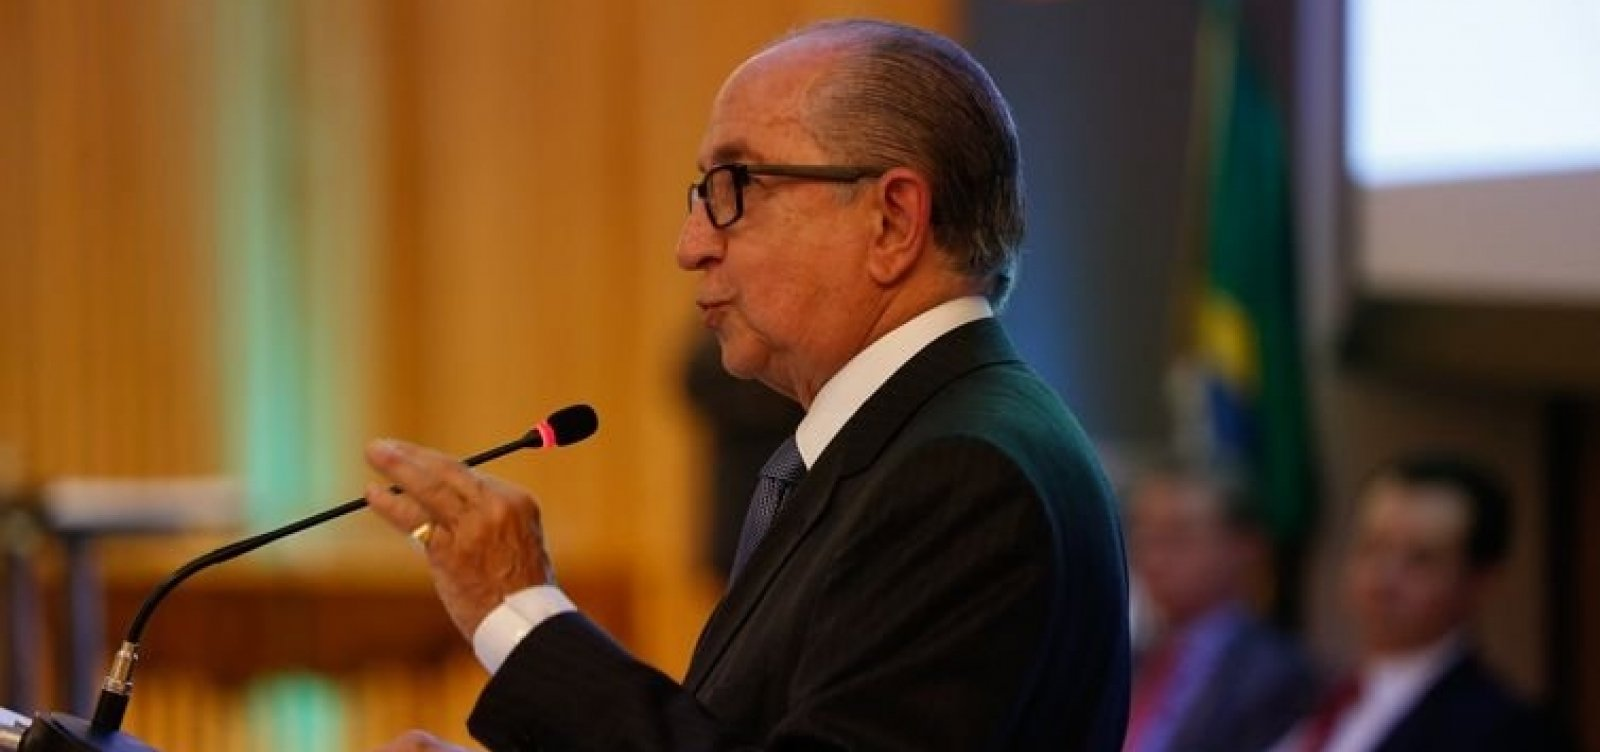 [Secretário da Receita anuncia novo imposto e é desautorizado por Bolsonaro]